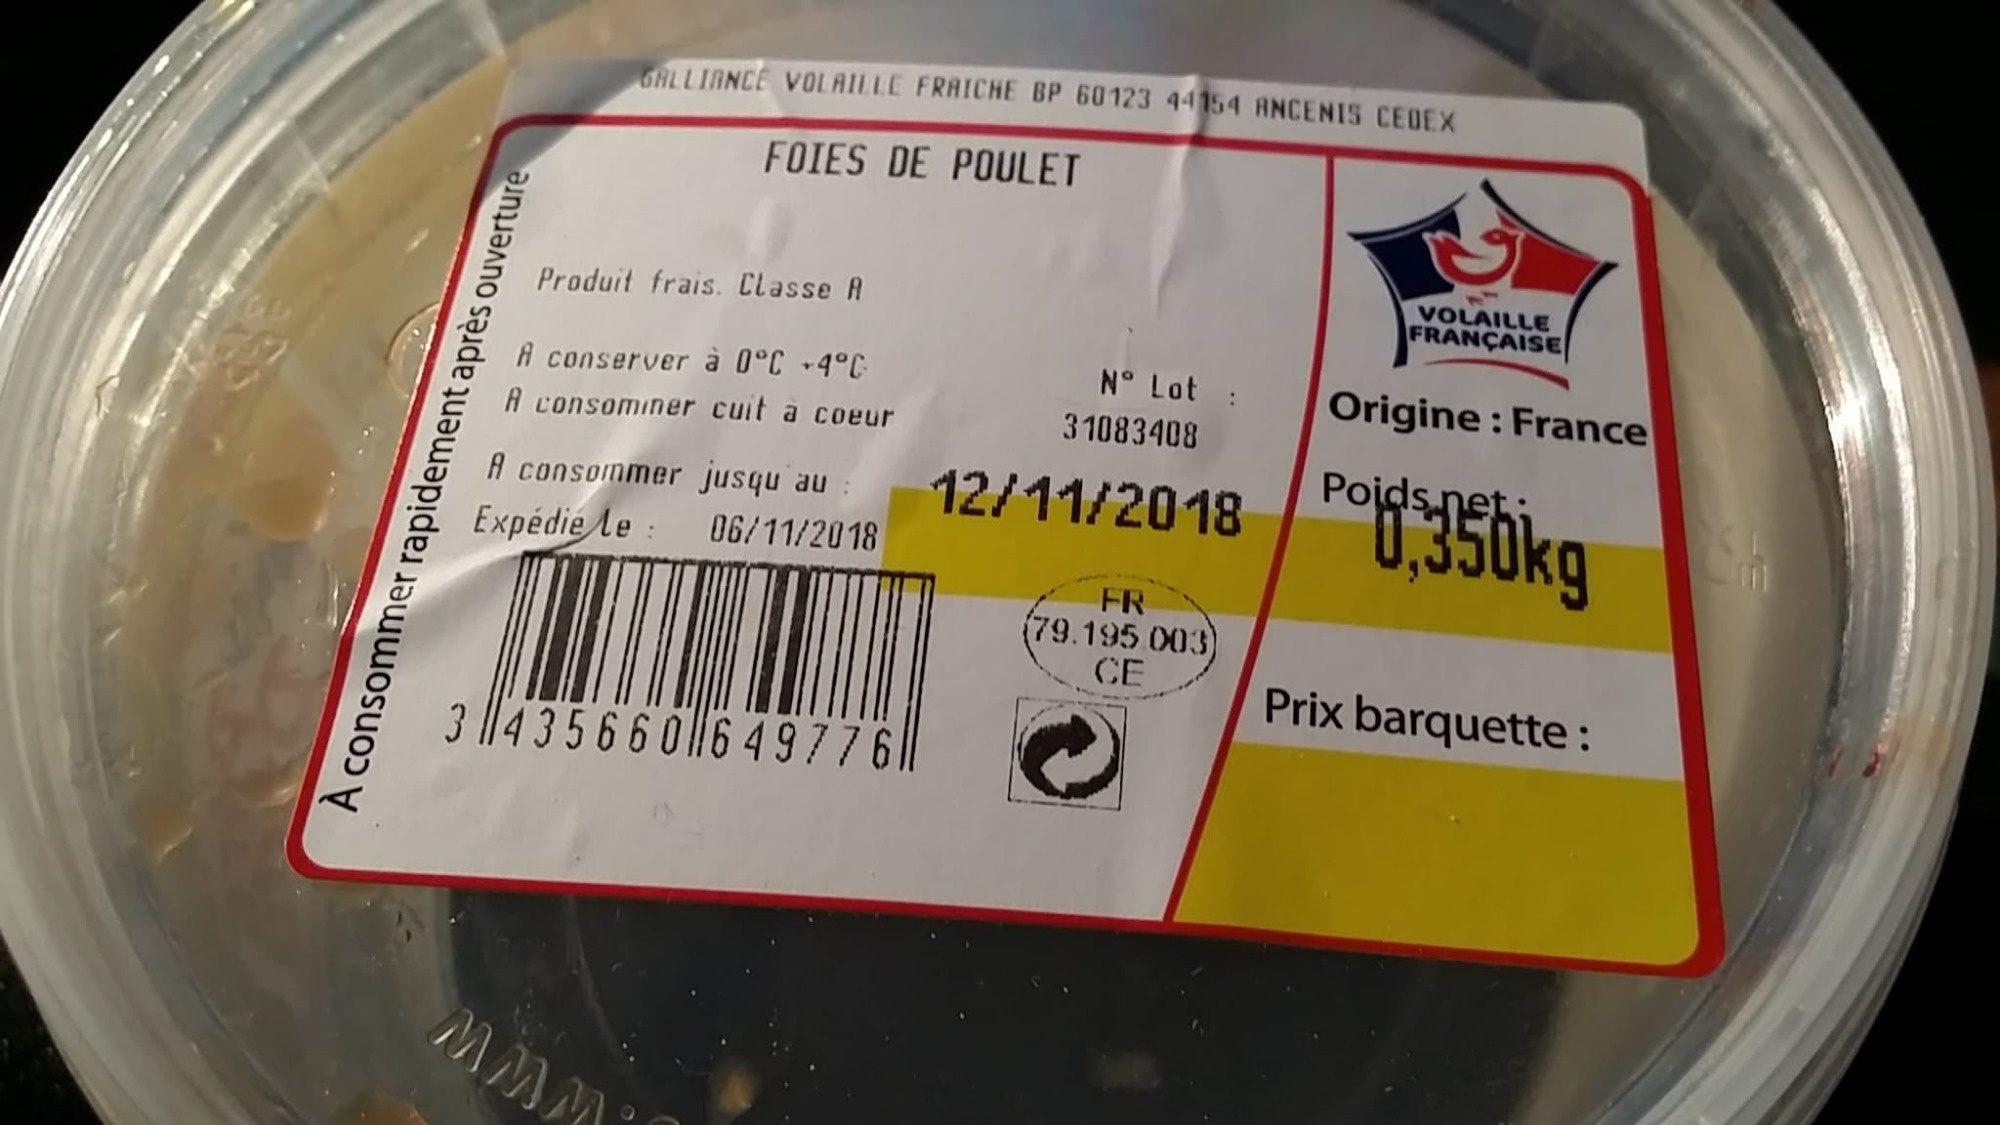 Foies de poulet - Ingredients - fr